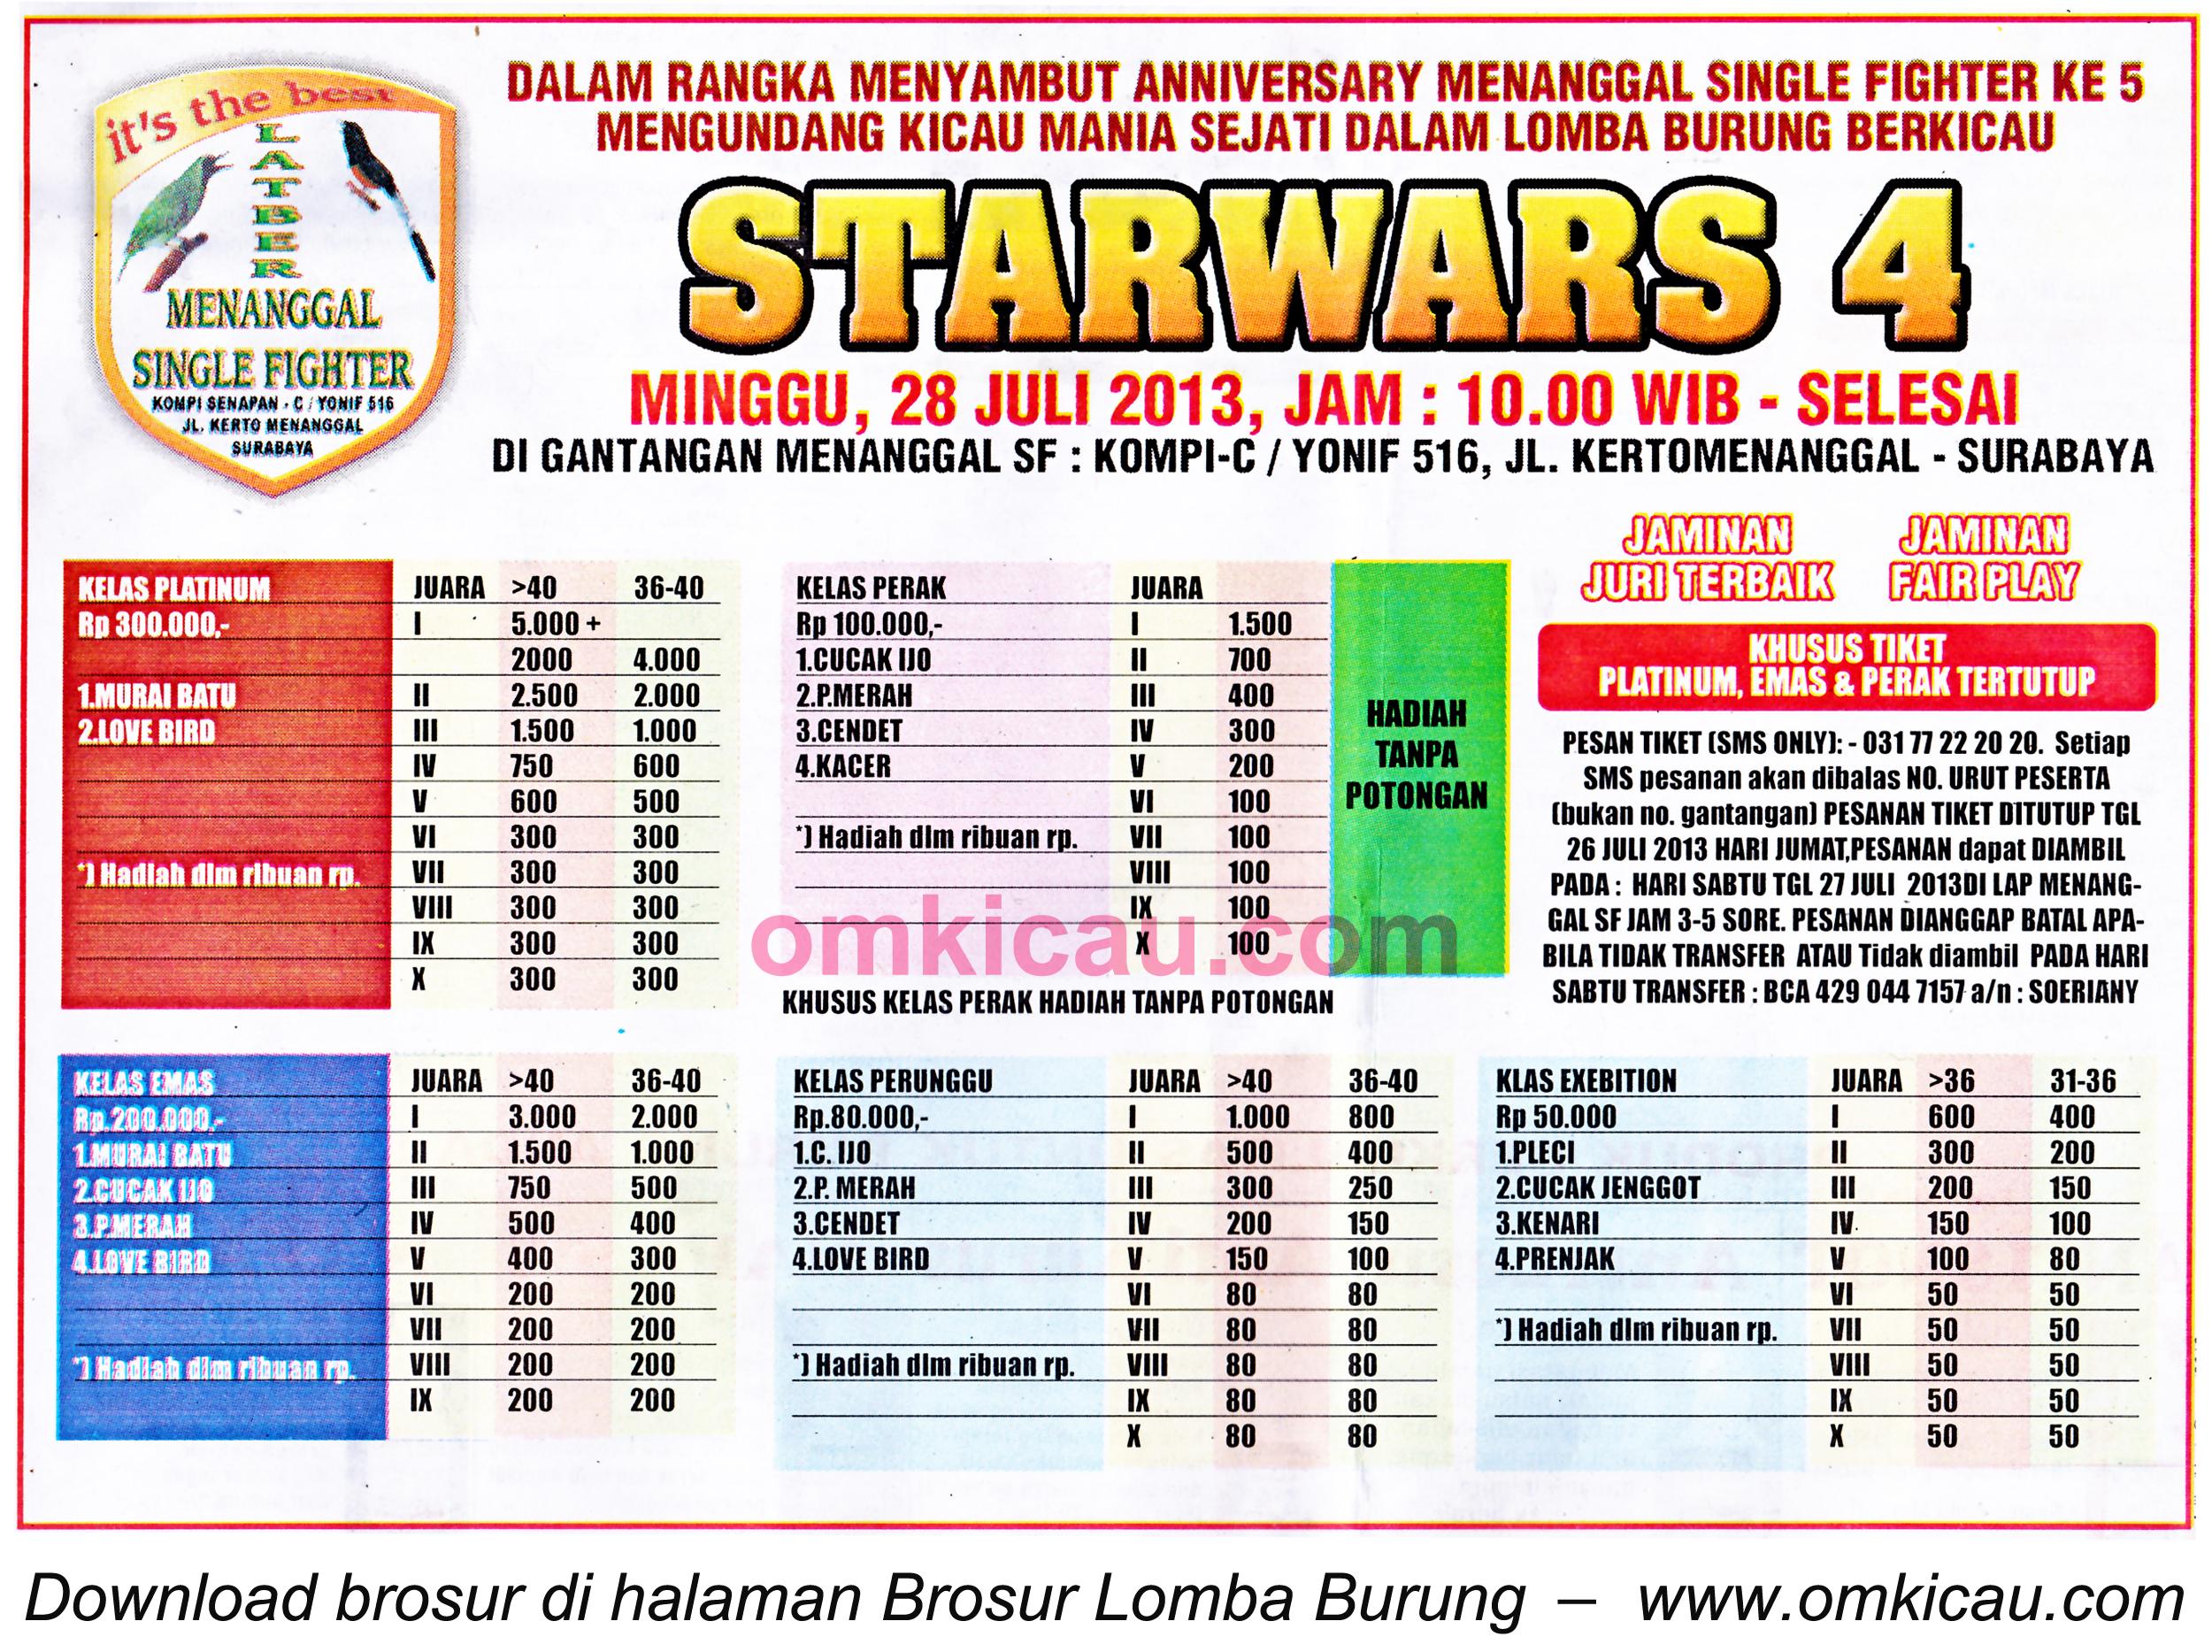 Brosur Lomba Burung Starwars 4 Surabaya 28 Juli 2013